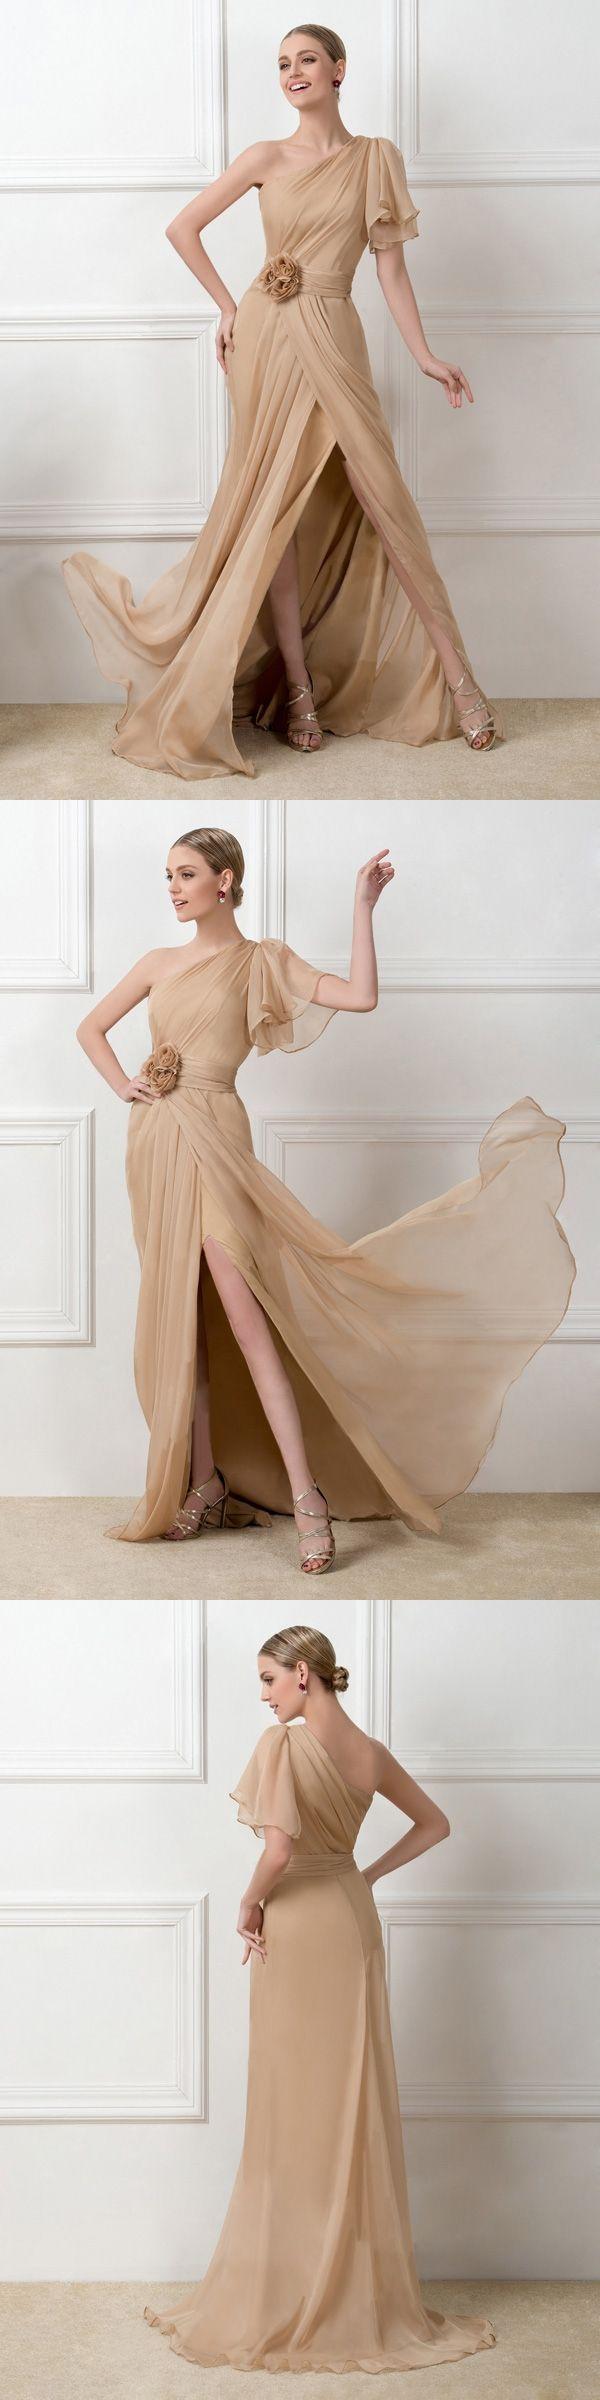 abendkleider lang,festliche kleider,schöne kleider ...